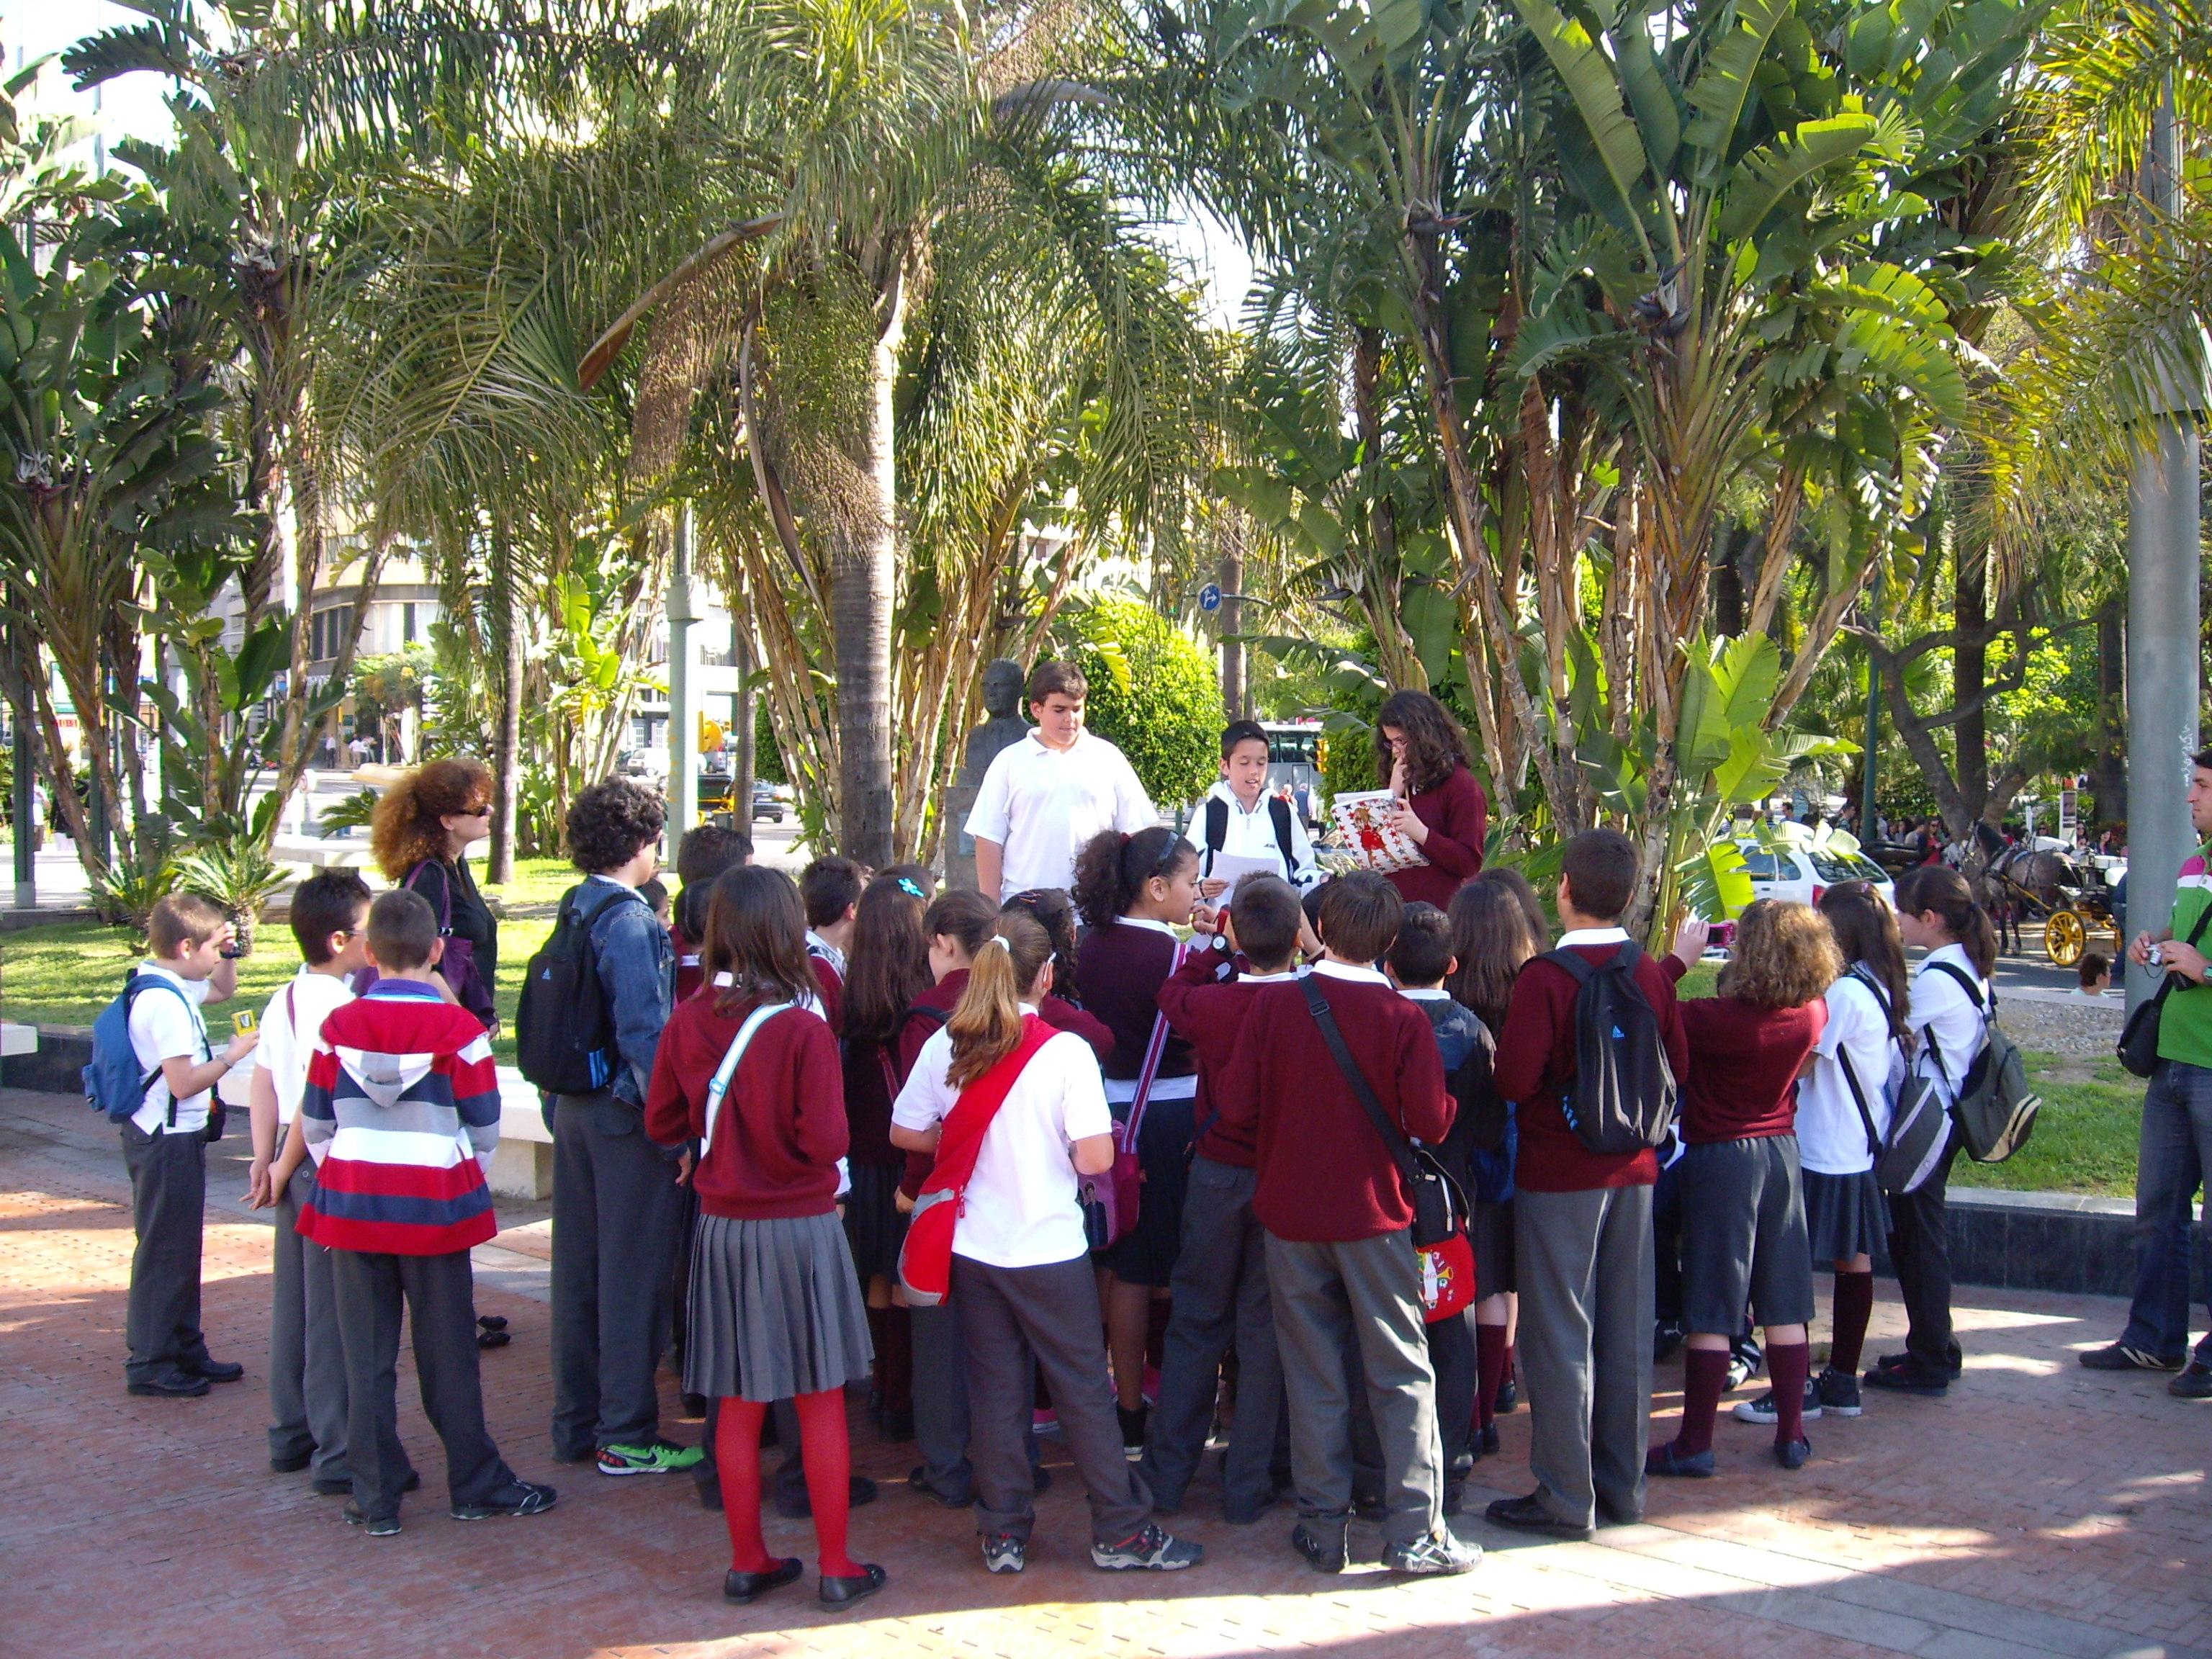 Parada del itinerario didáctico guiado por un alumno